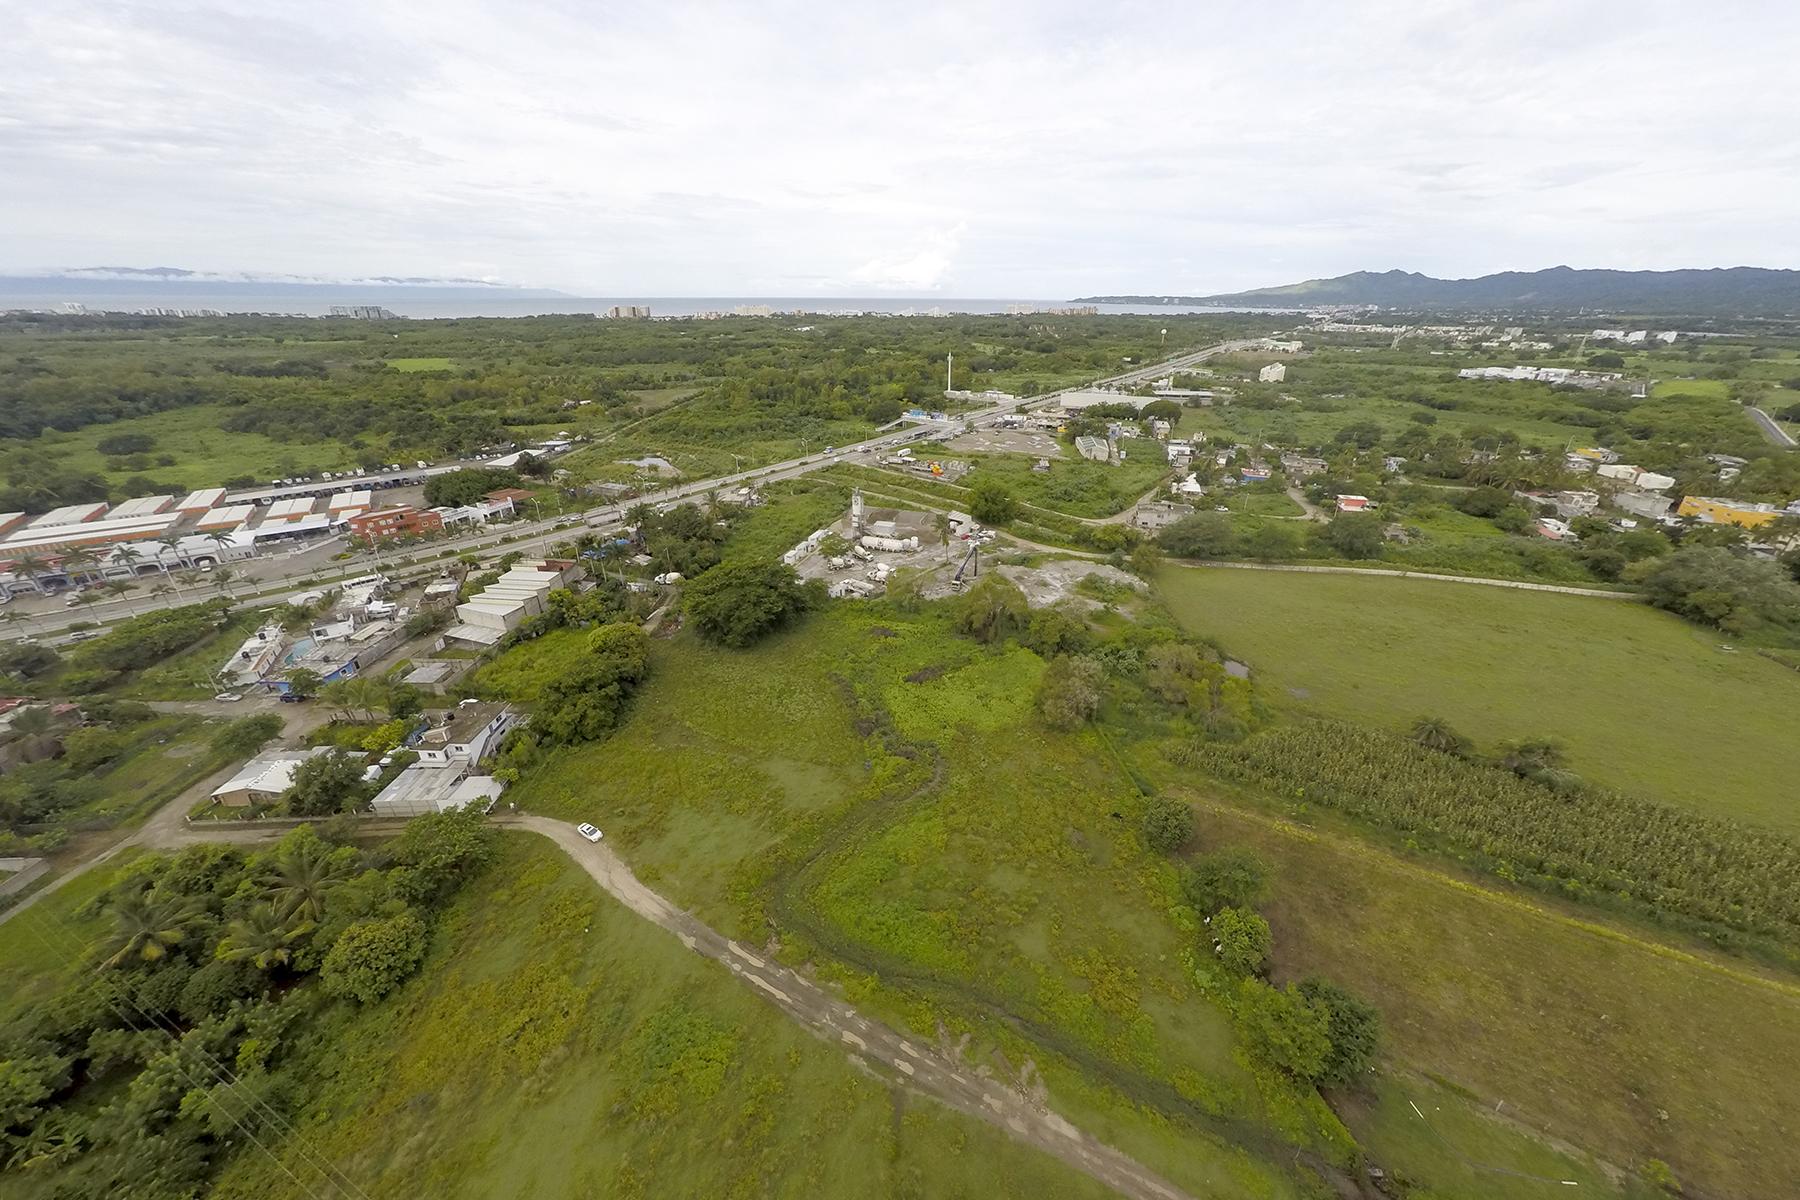 Terreno por un Venta en Lote Tondoroque Carretera Puerto Vallarta - Tepic Entre Tondoroque y Mezcales Nuevo Vallarta, Nayarit 63737 México